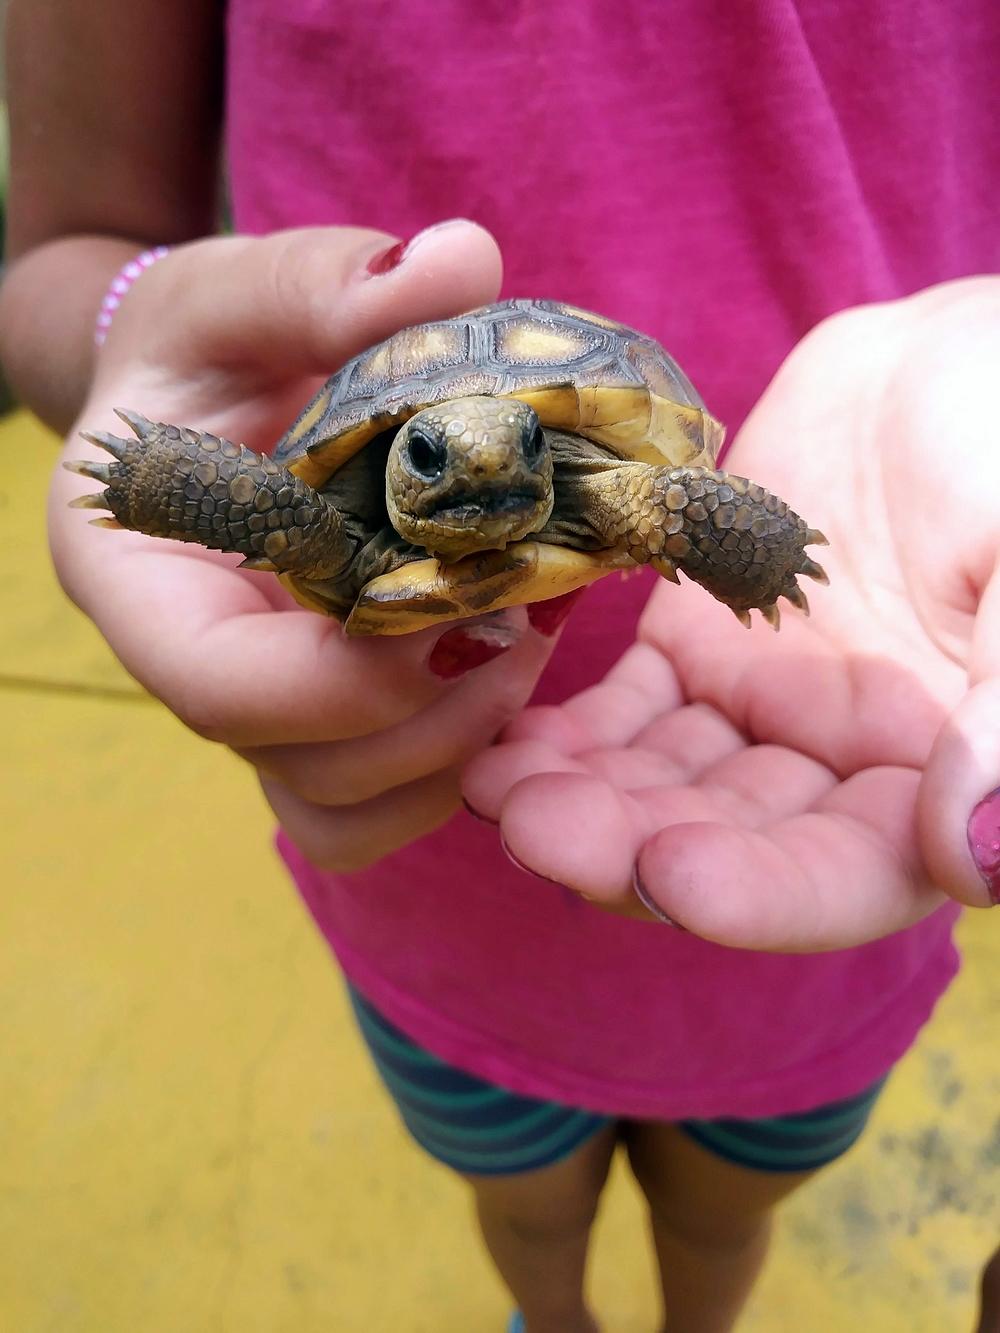 Baby Gopher Tortoise III